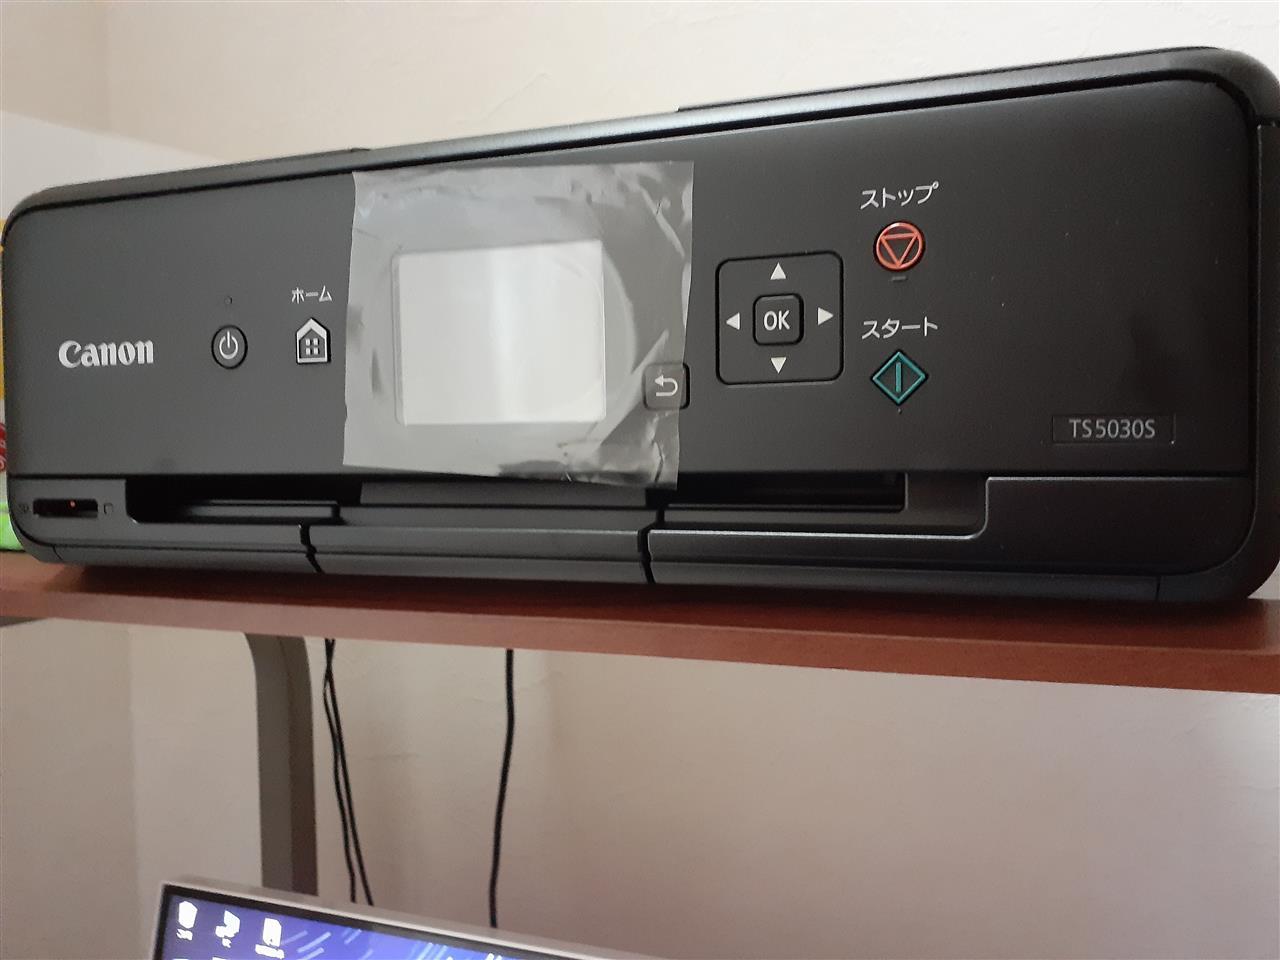 と つなぐ を パソコン で プリンター キャノン 無線